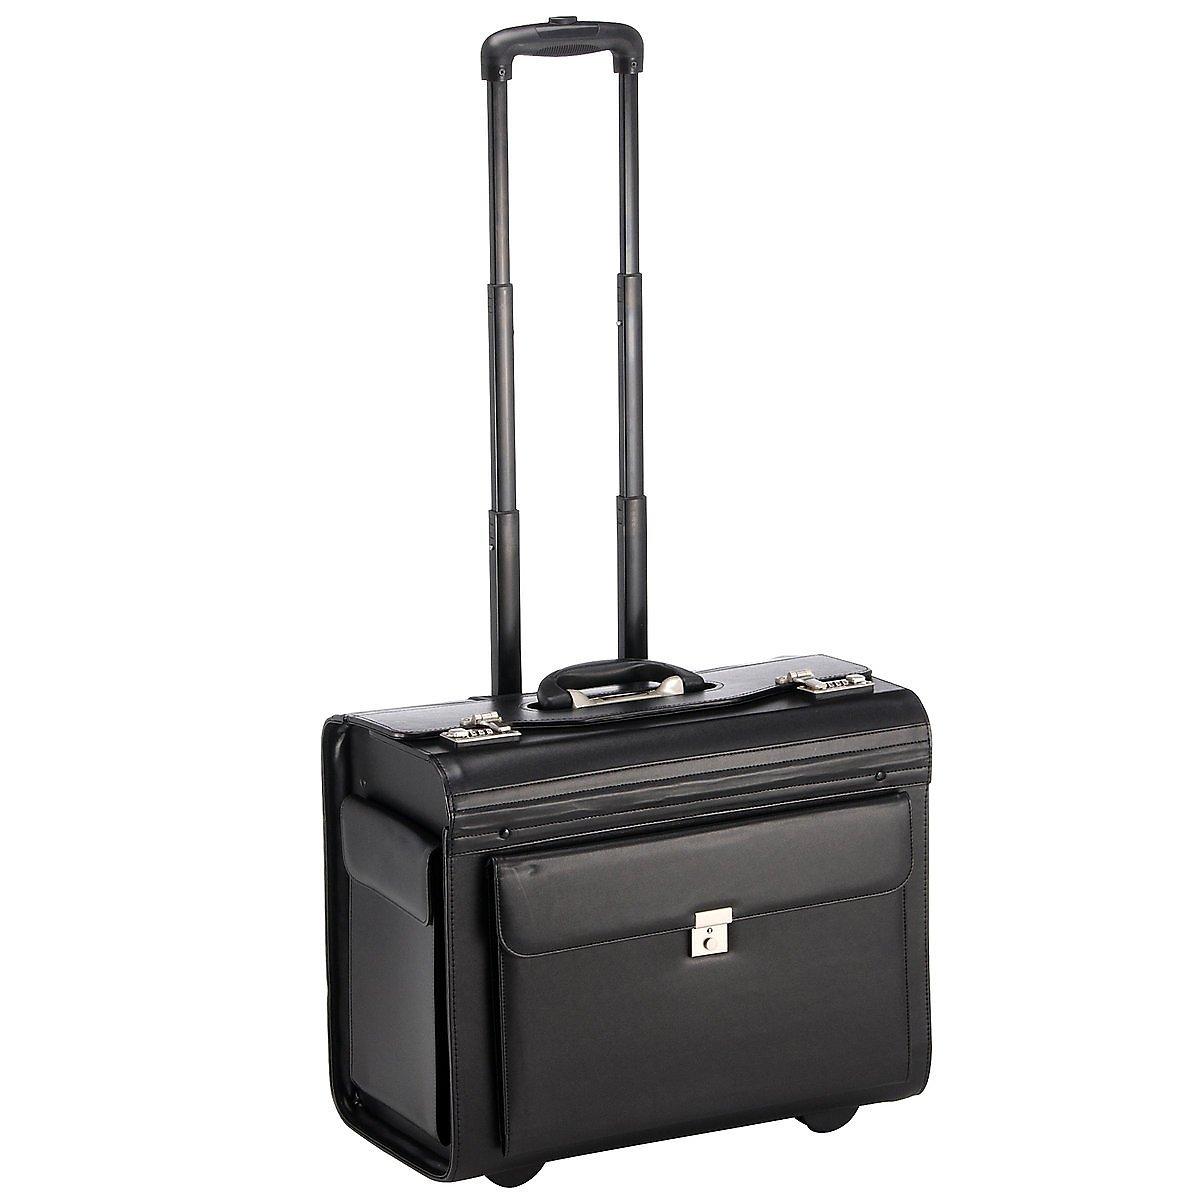 Dermata Business Pilotenkoffer auf Rollen XL 50 cm schwarz